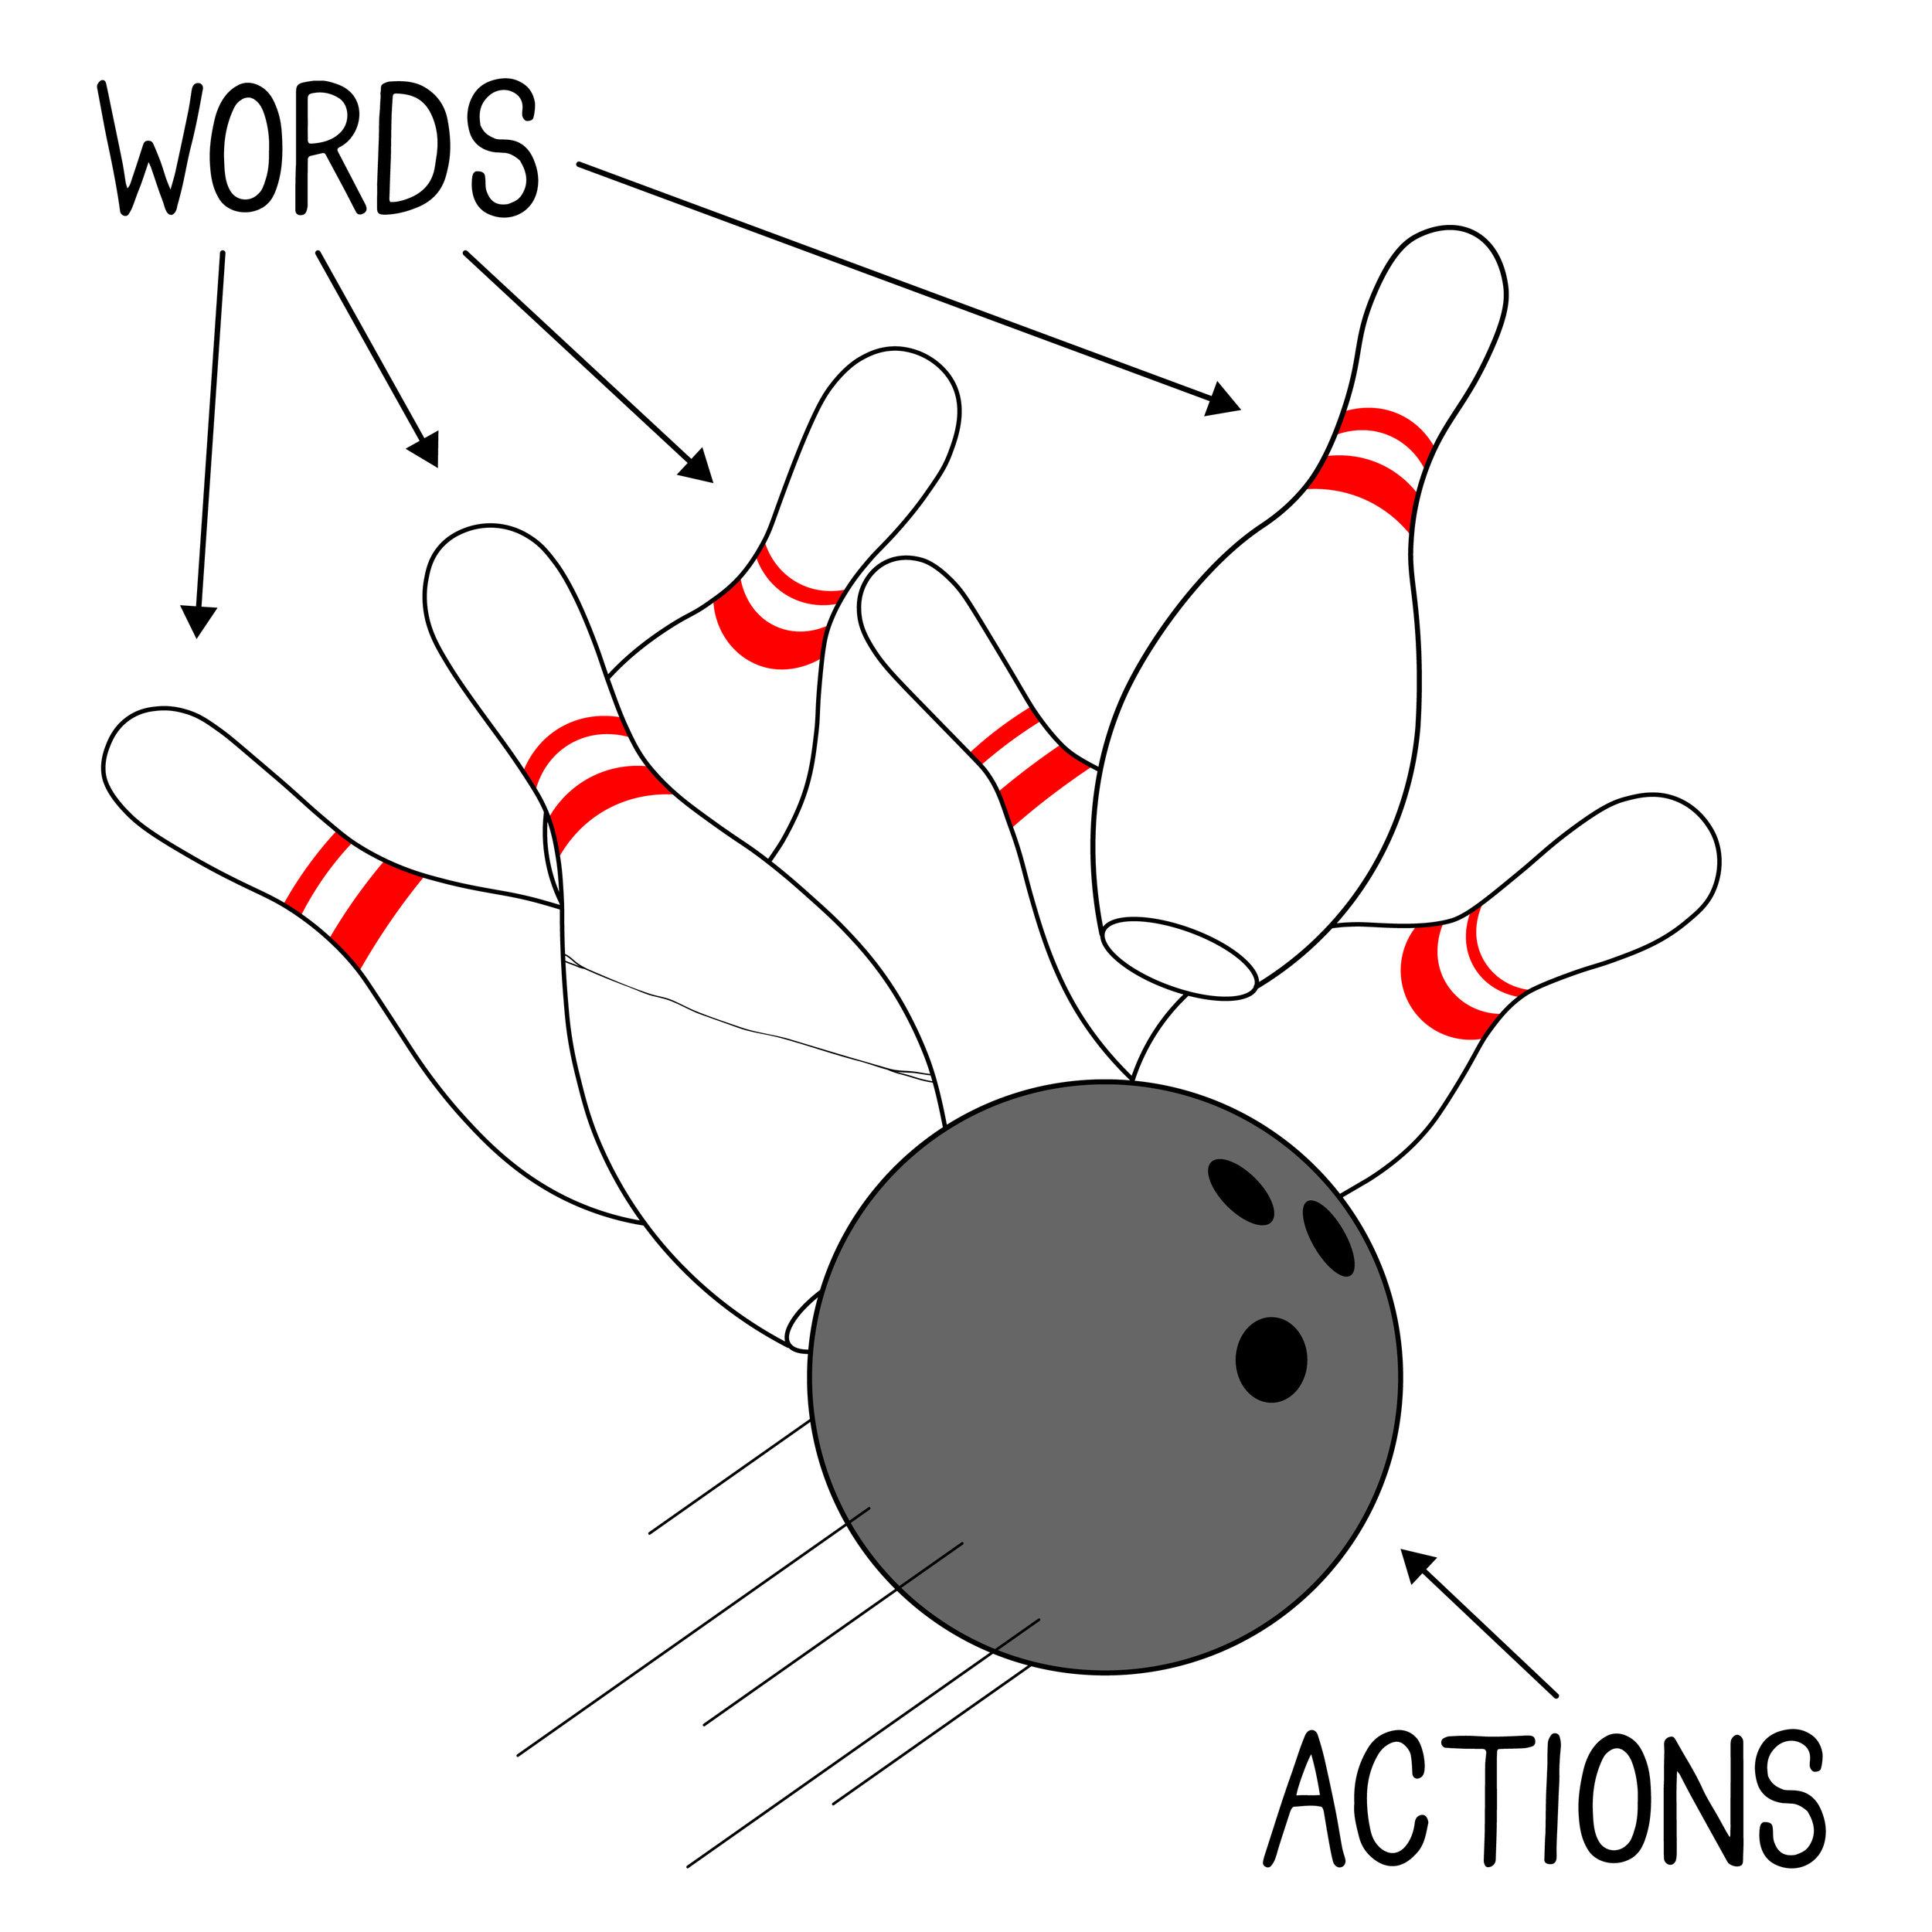 wordsactions-01.jpg